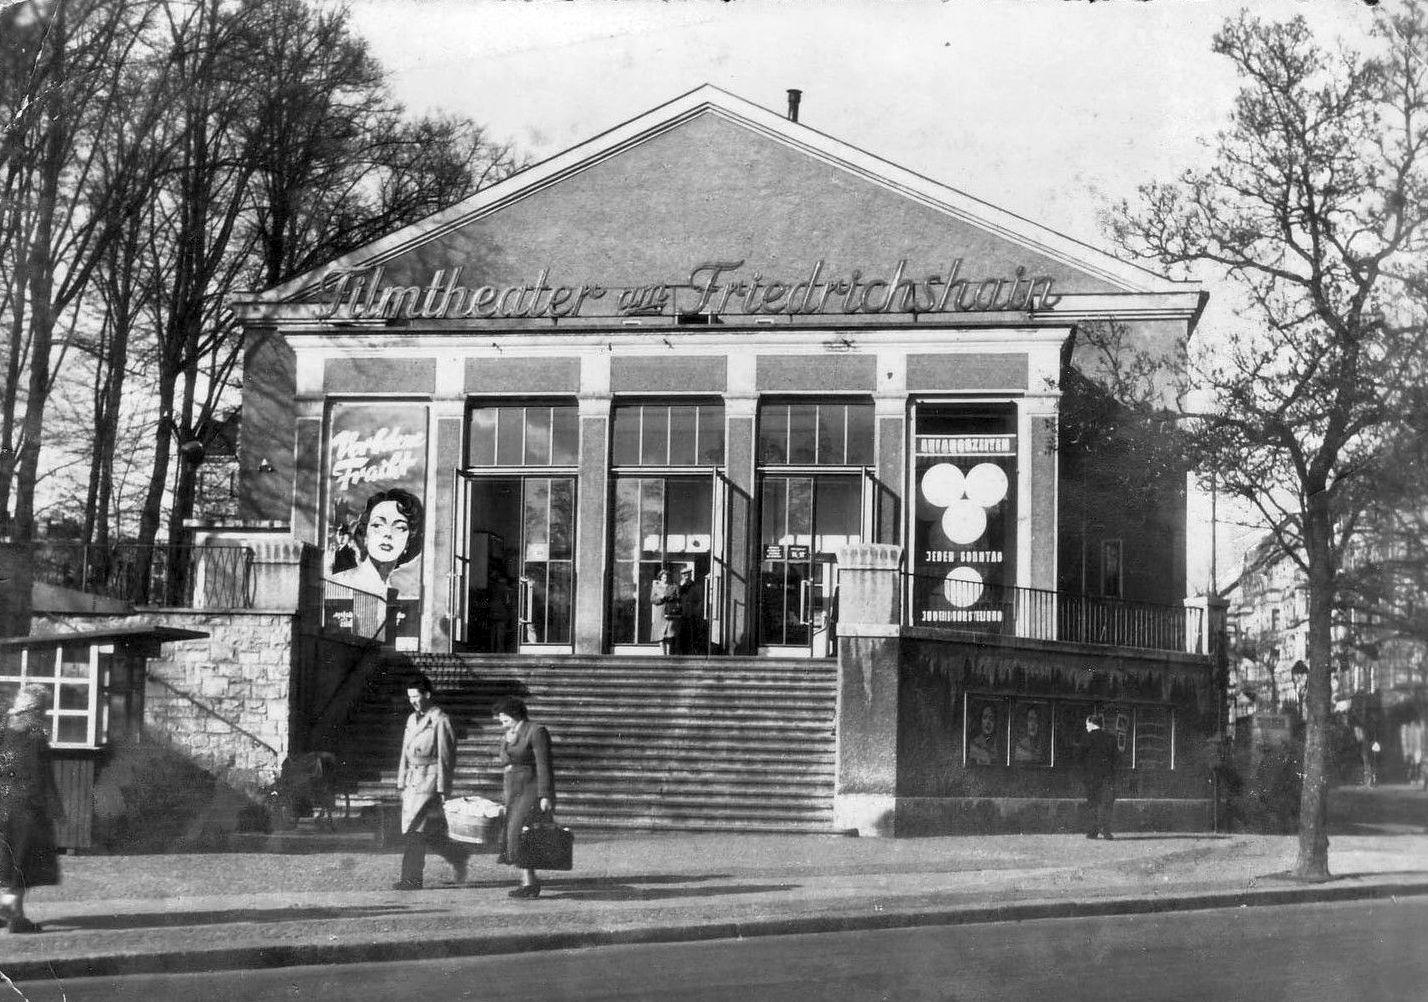 1957 Kino Am Friedrichshain Berlin Zeitreise Reisen